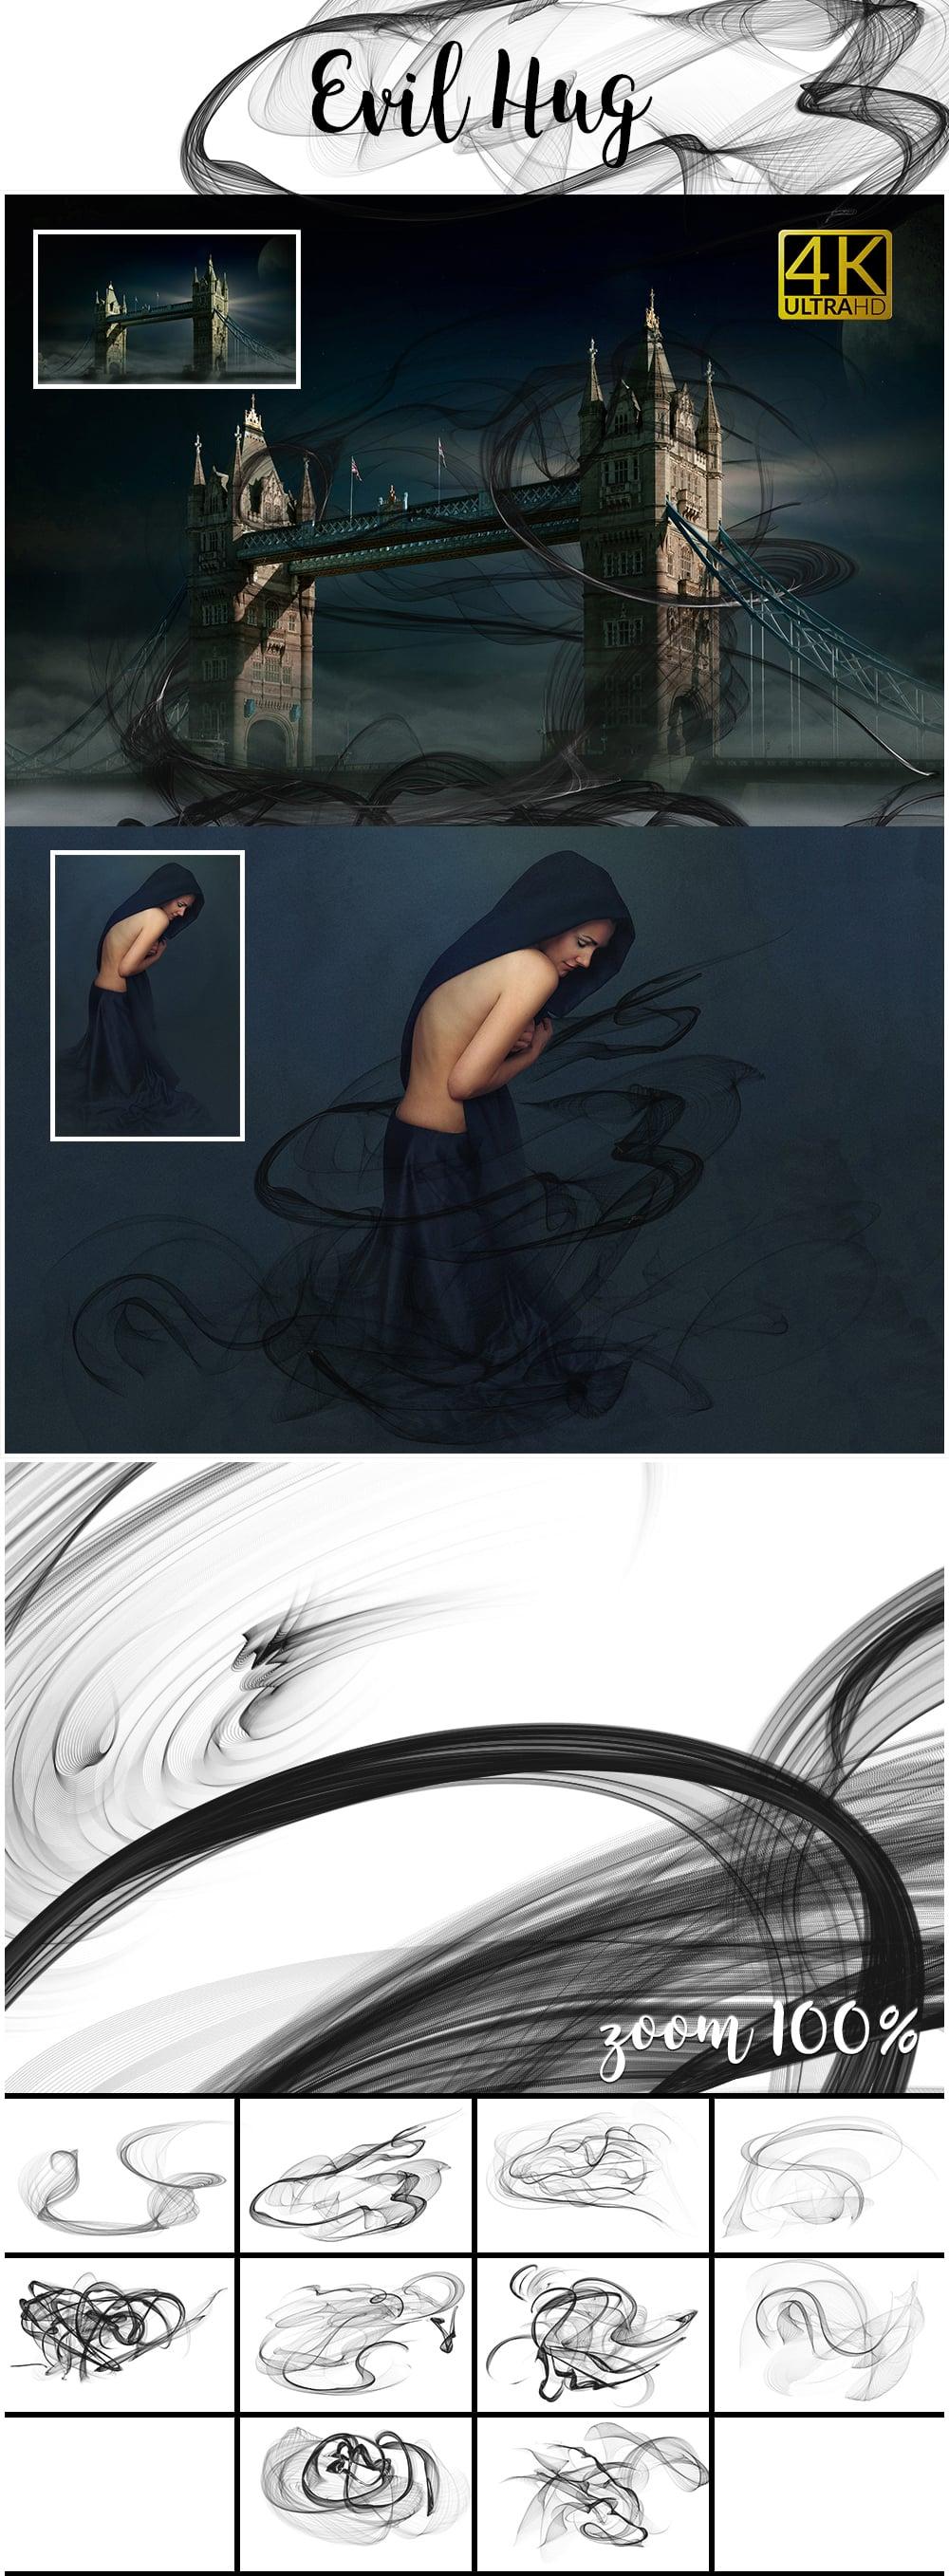 1100 Photoshop Overlays Mega Pack - Extended License - 16 Evil Hug